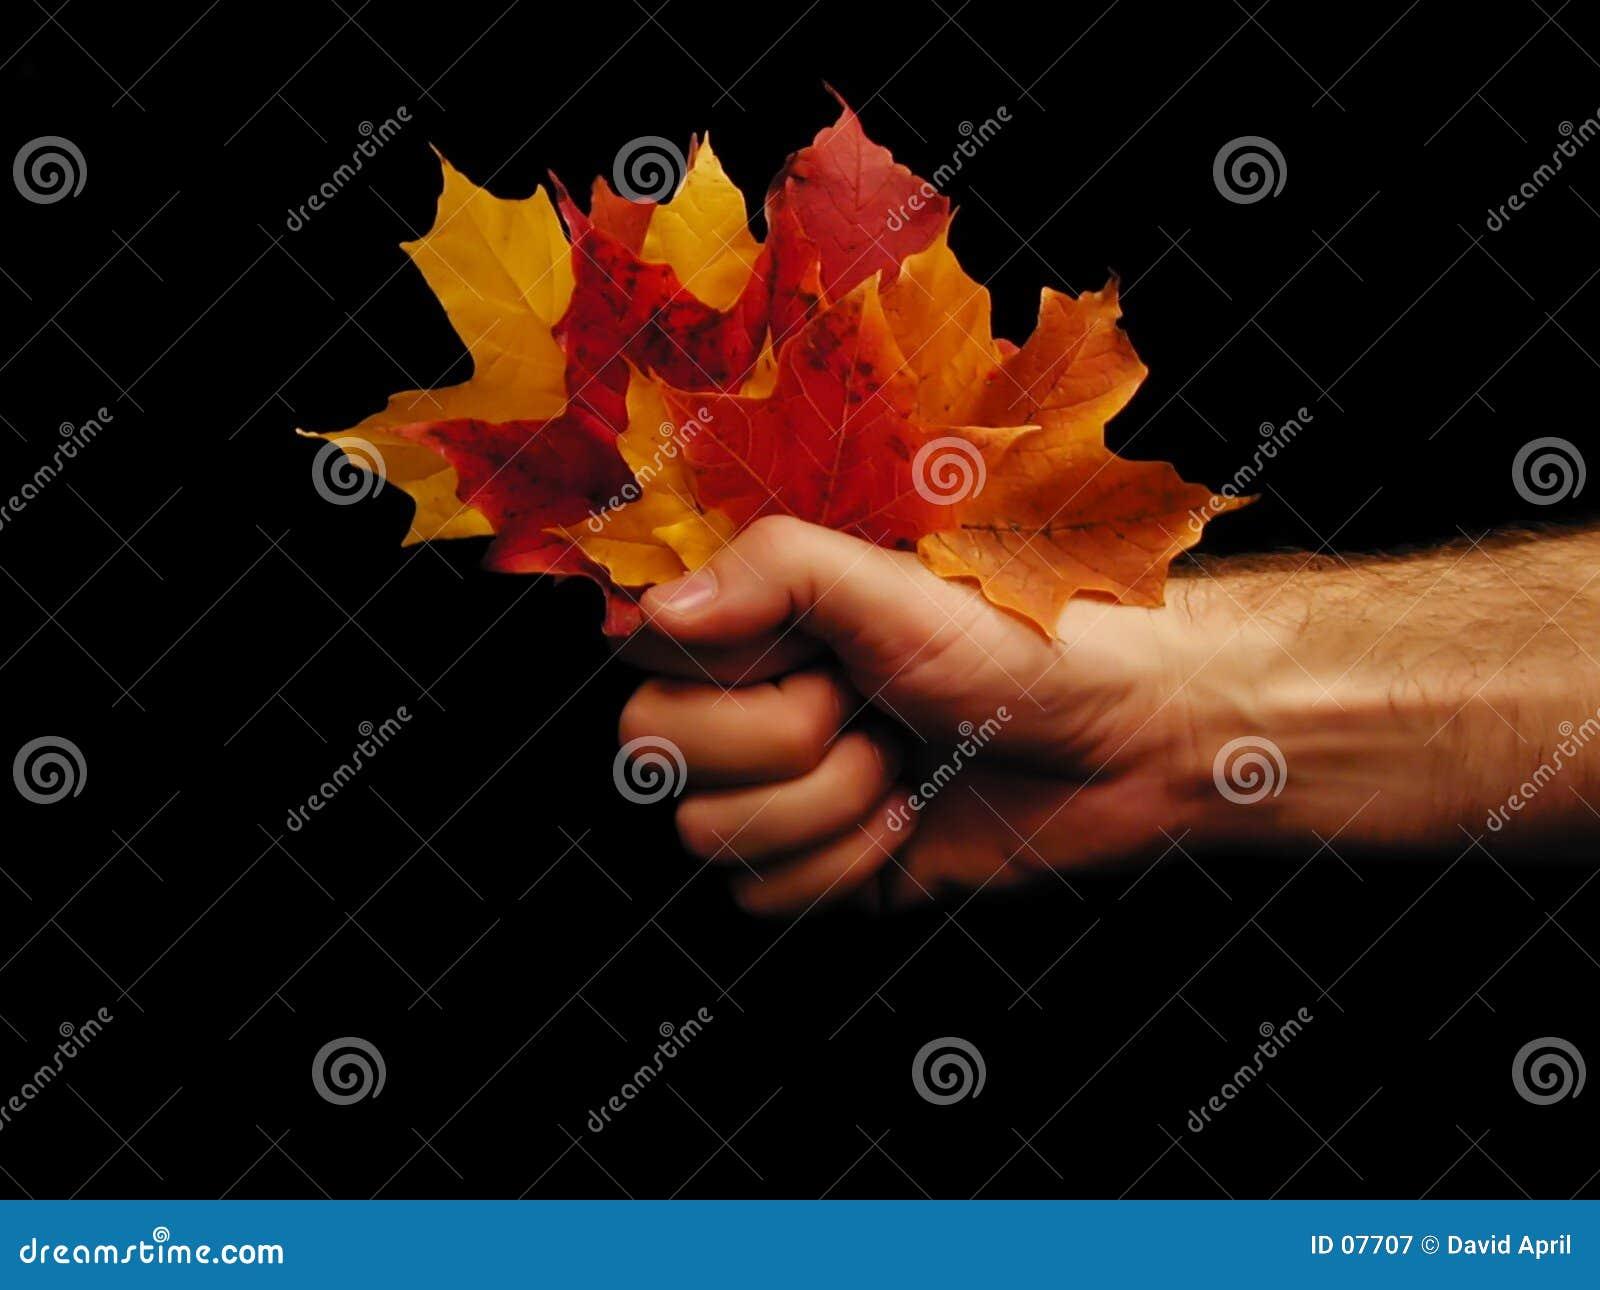 Fistful of Fall